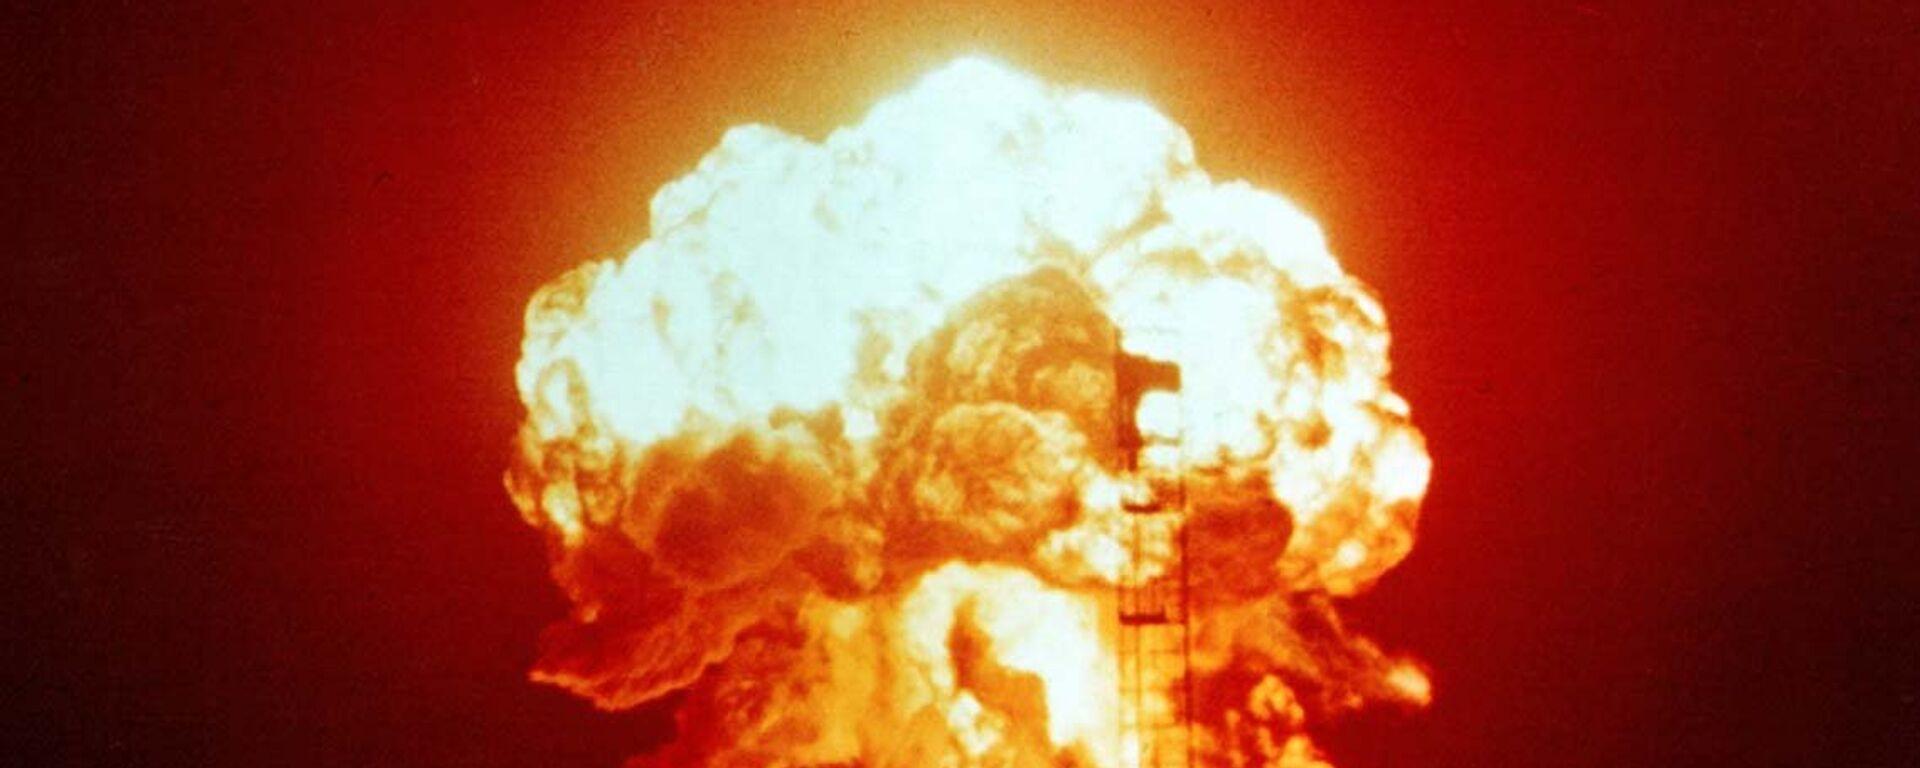 Ядерные испытания - Sputnik Latvija, 1920, 03.06.2021